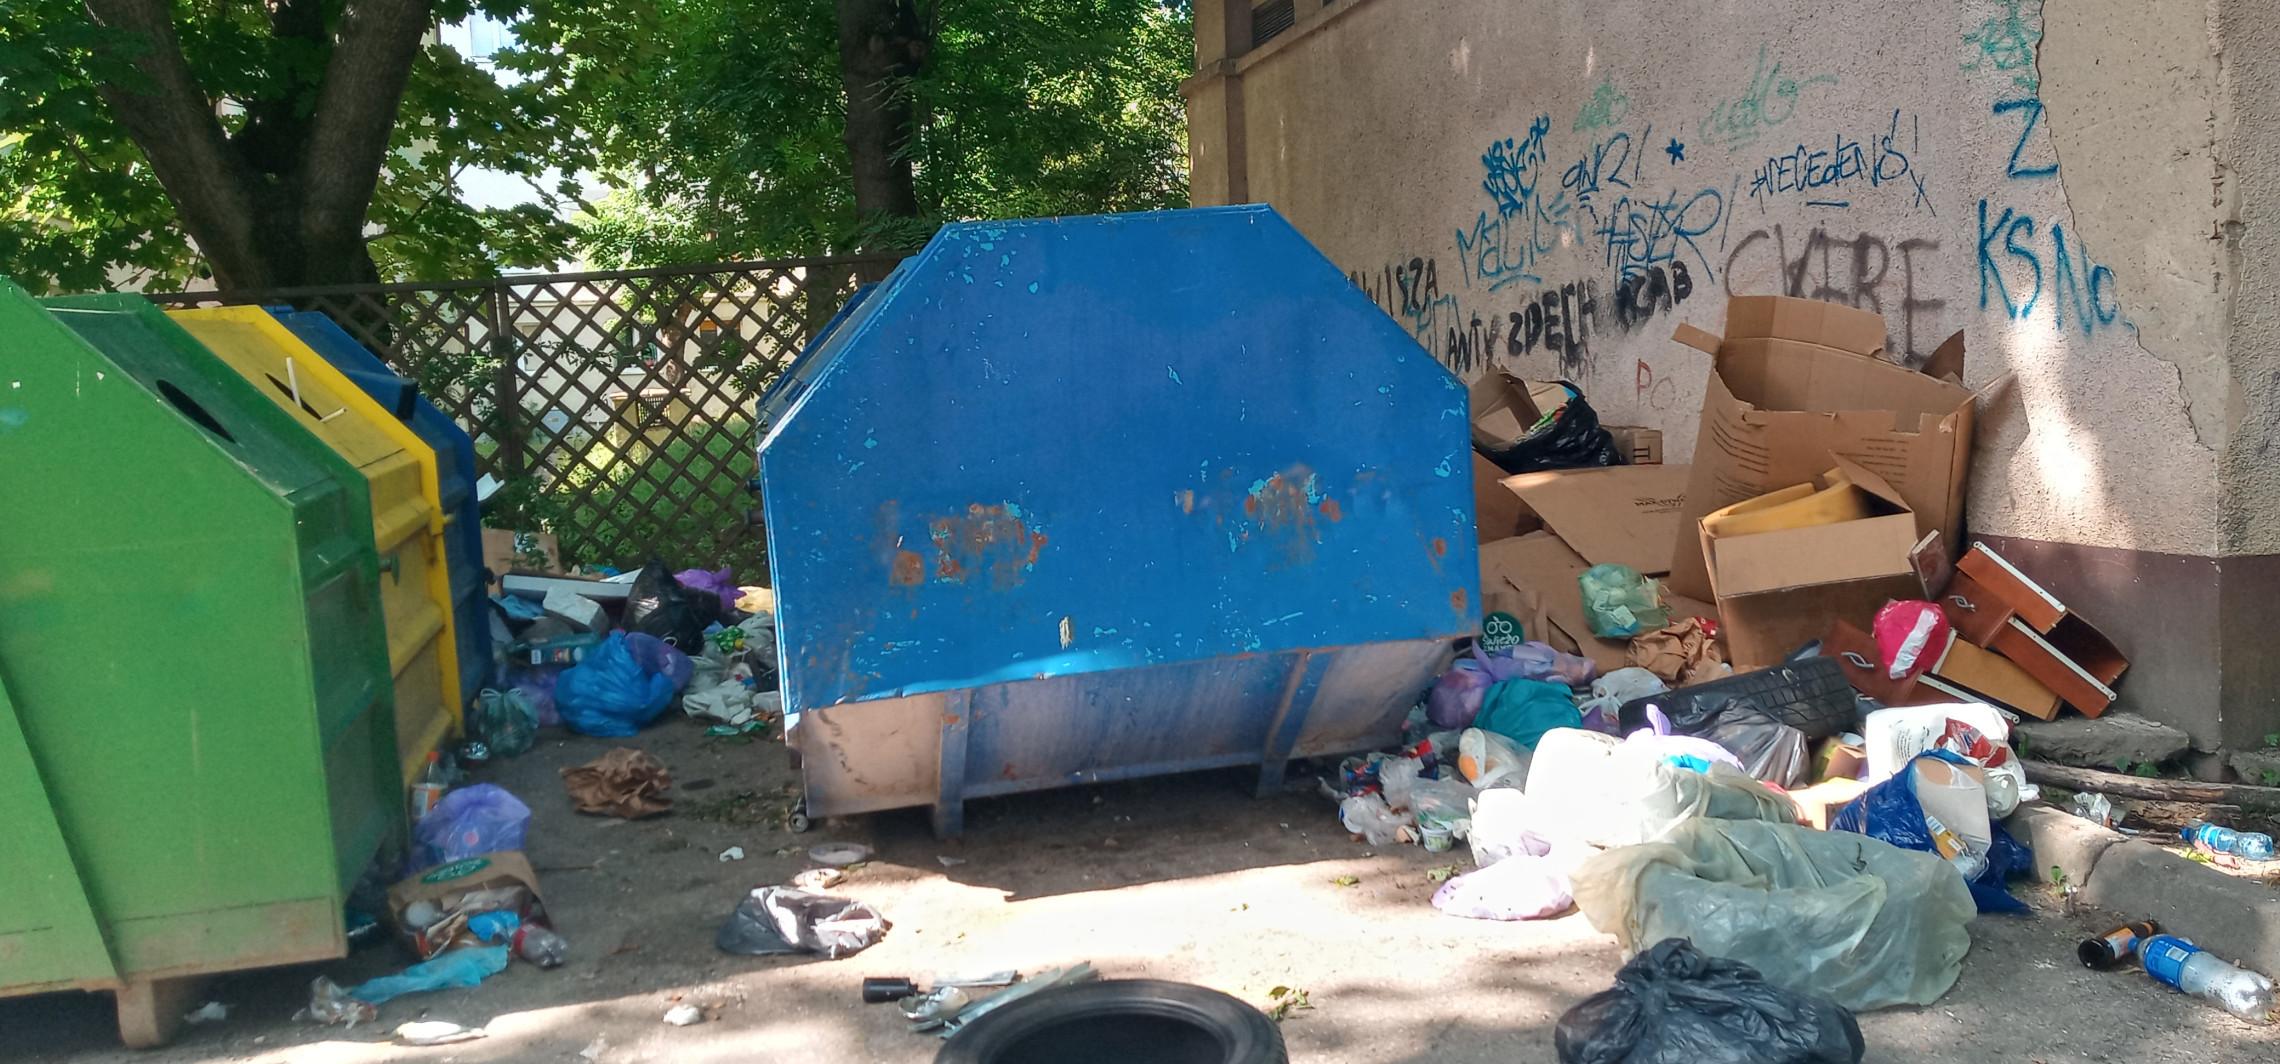 Inowrocław - Mieszkańcy chcą wiaty śmietnikowej, ale jest problem